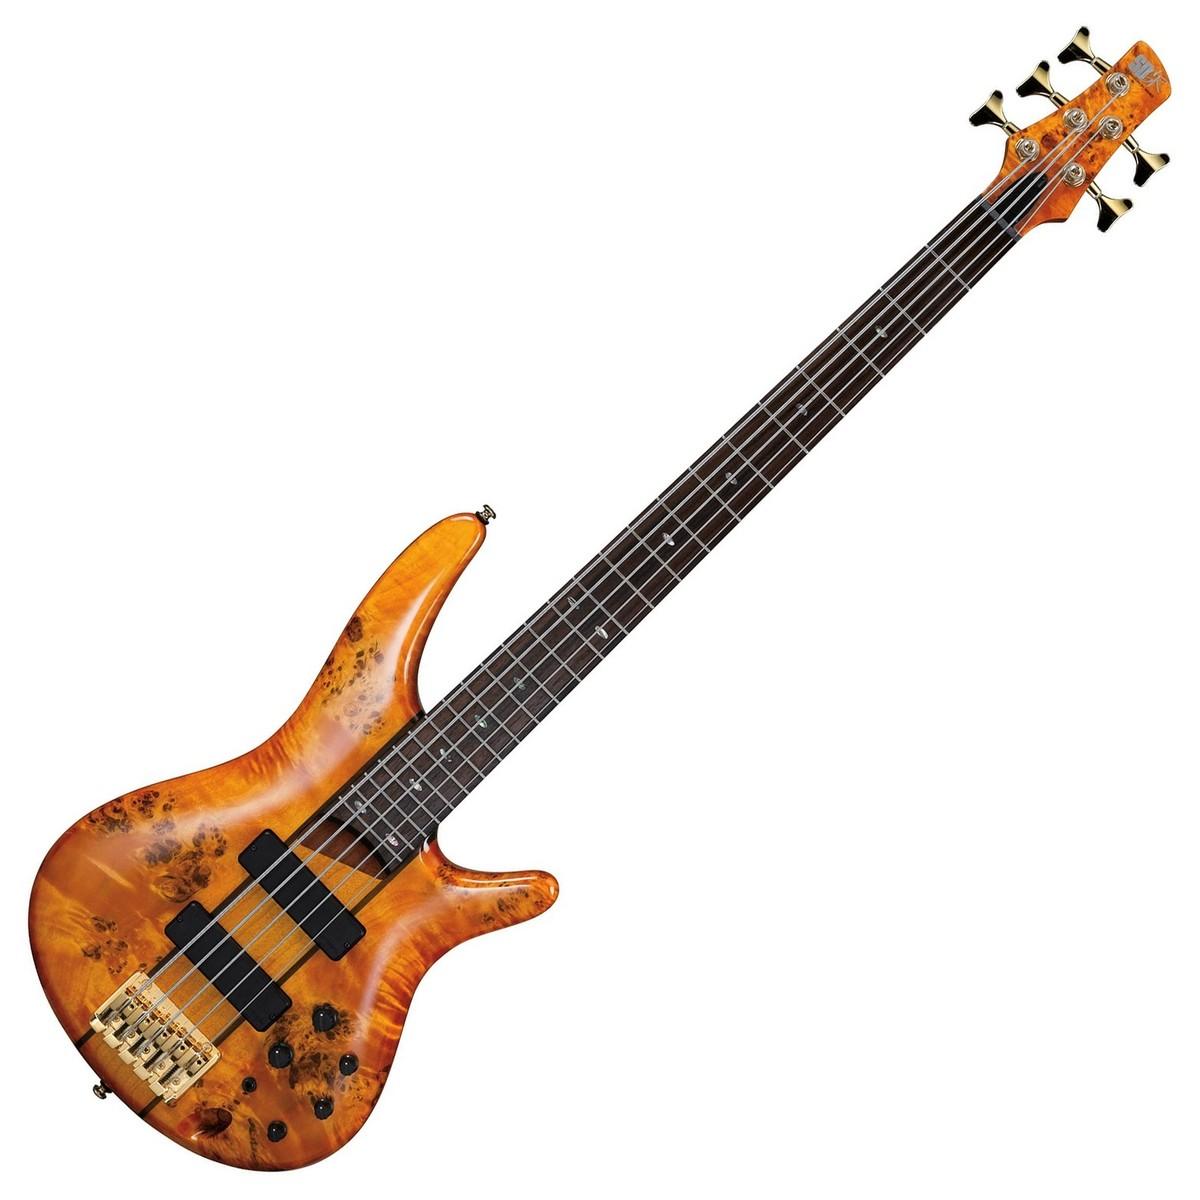 ibanez sr805 5 string bass guitar amber at. Black Bedroom Furniture Sets. Home Design Ideas